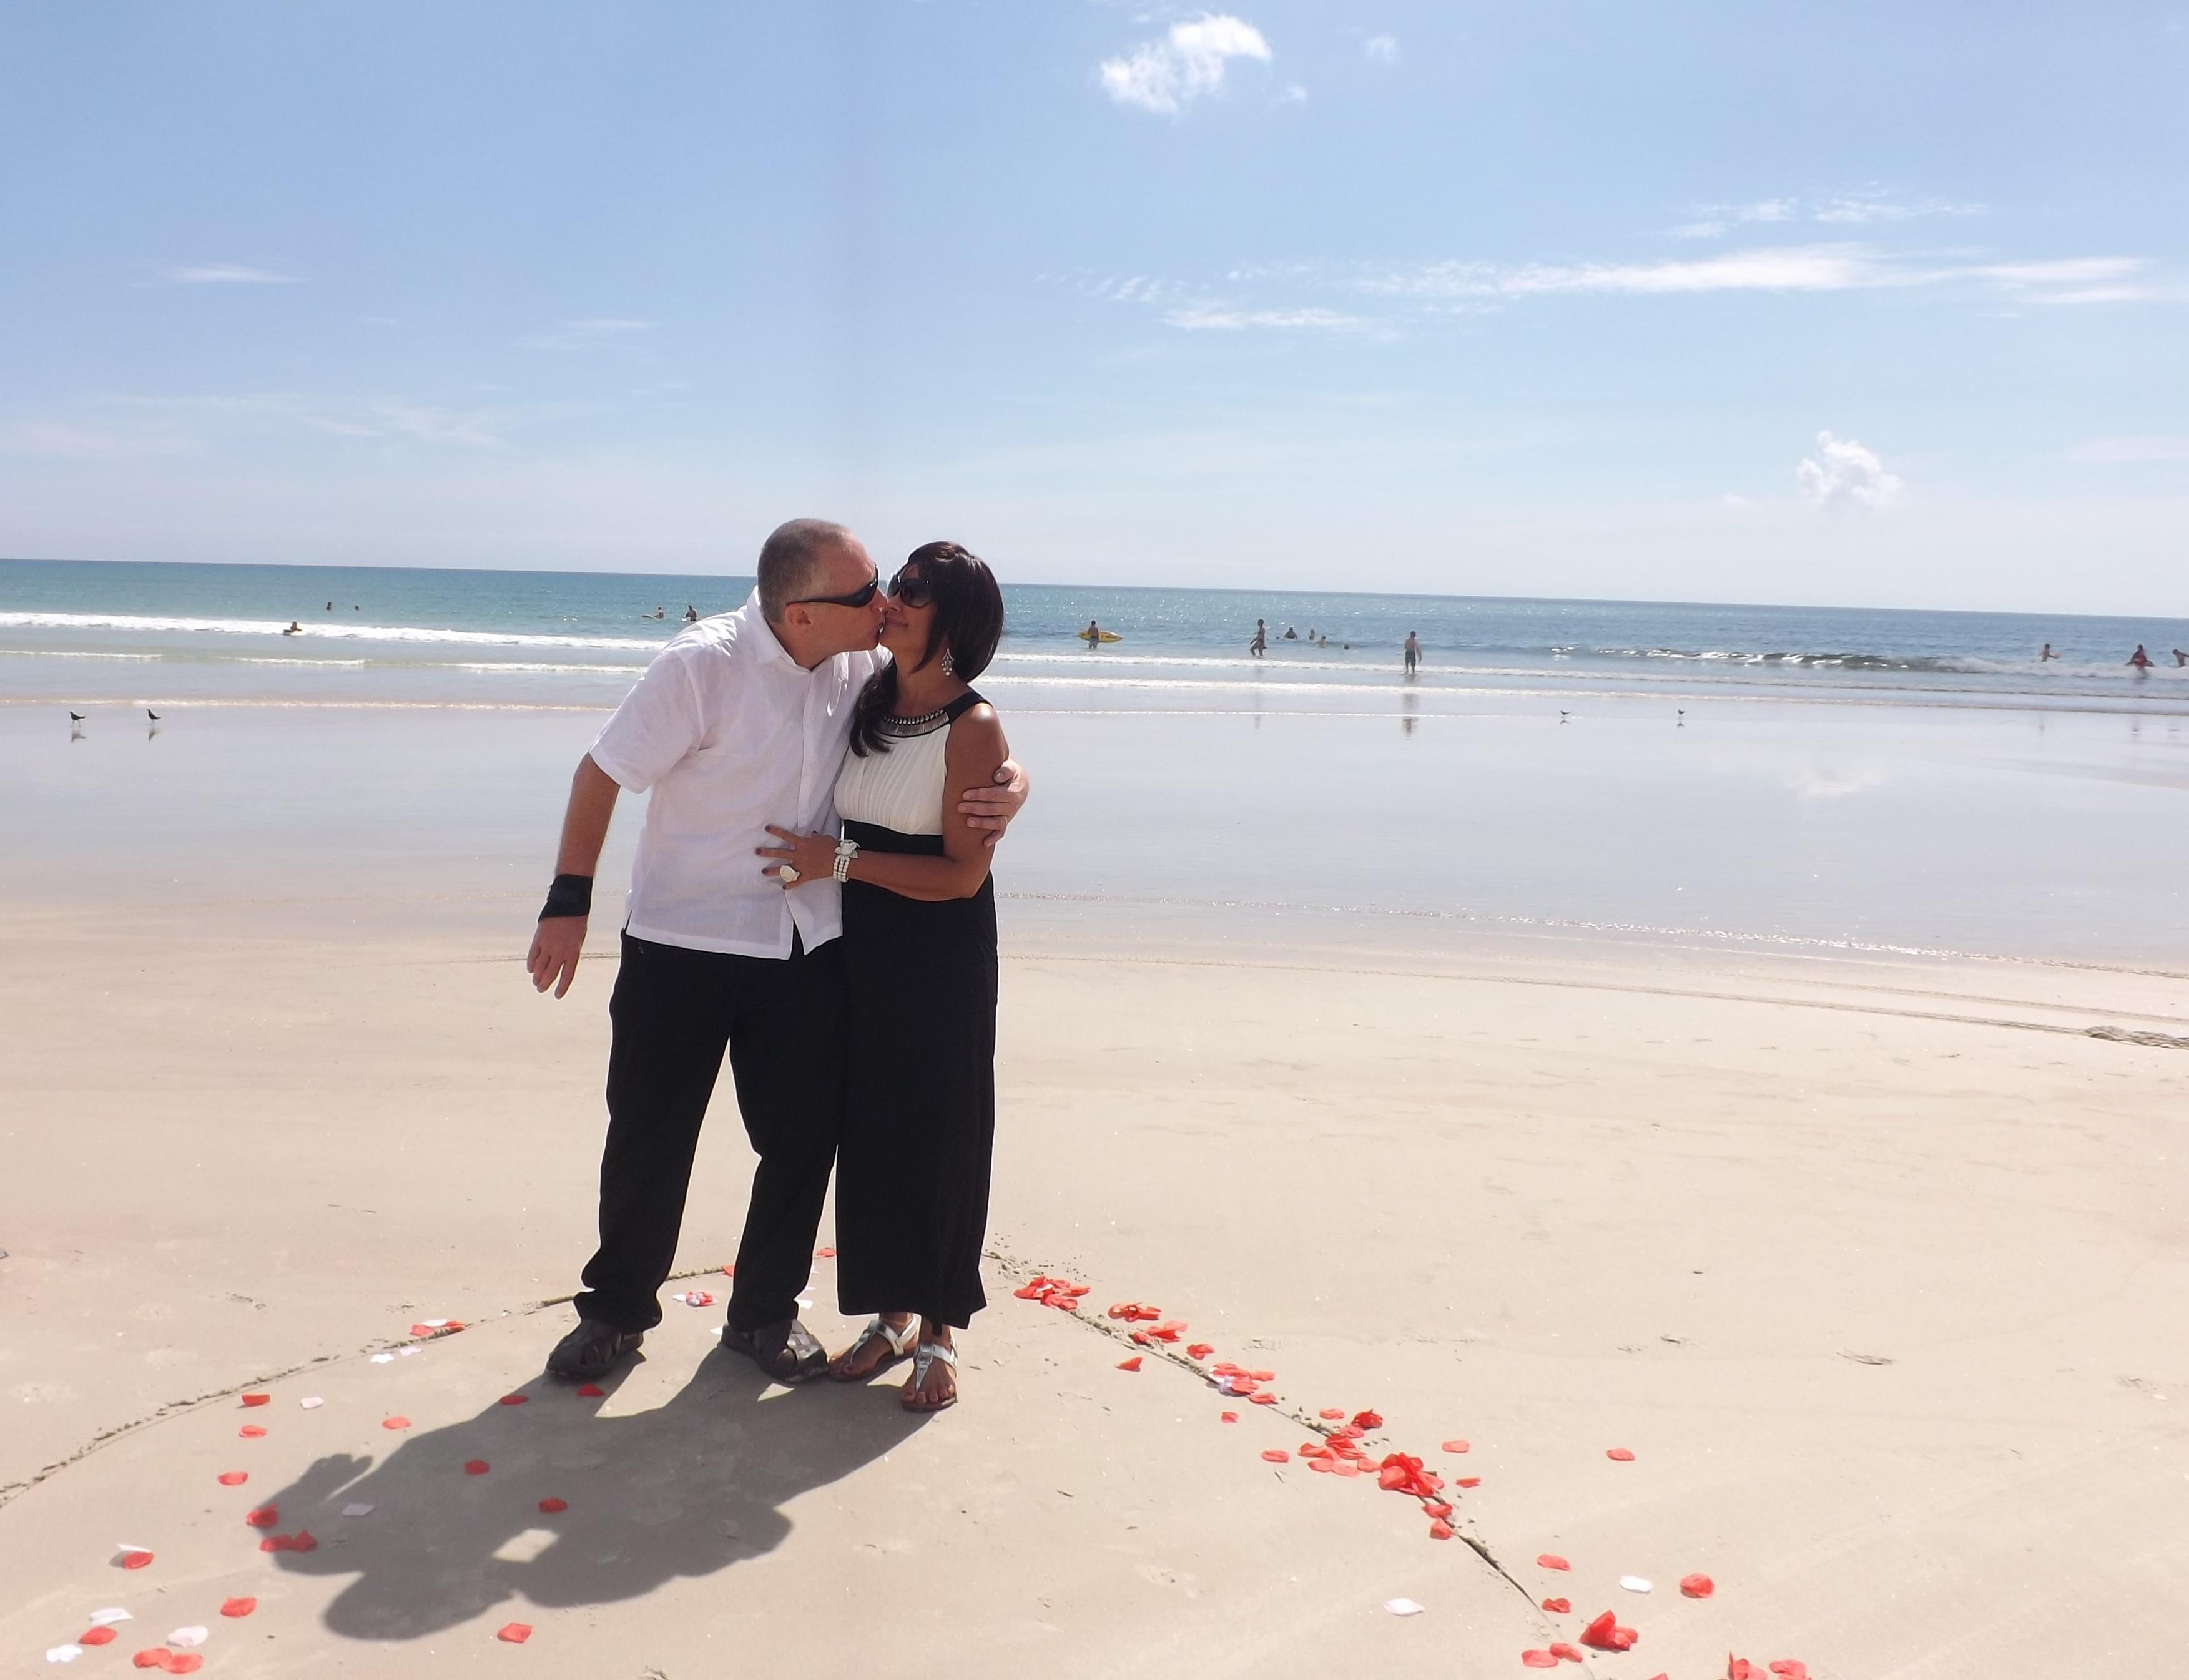 Share a Kiss Wedding Vow